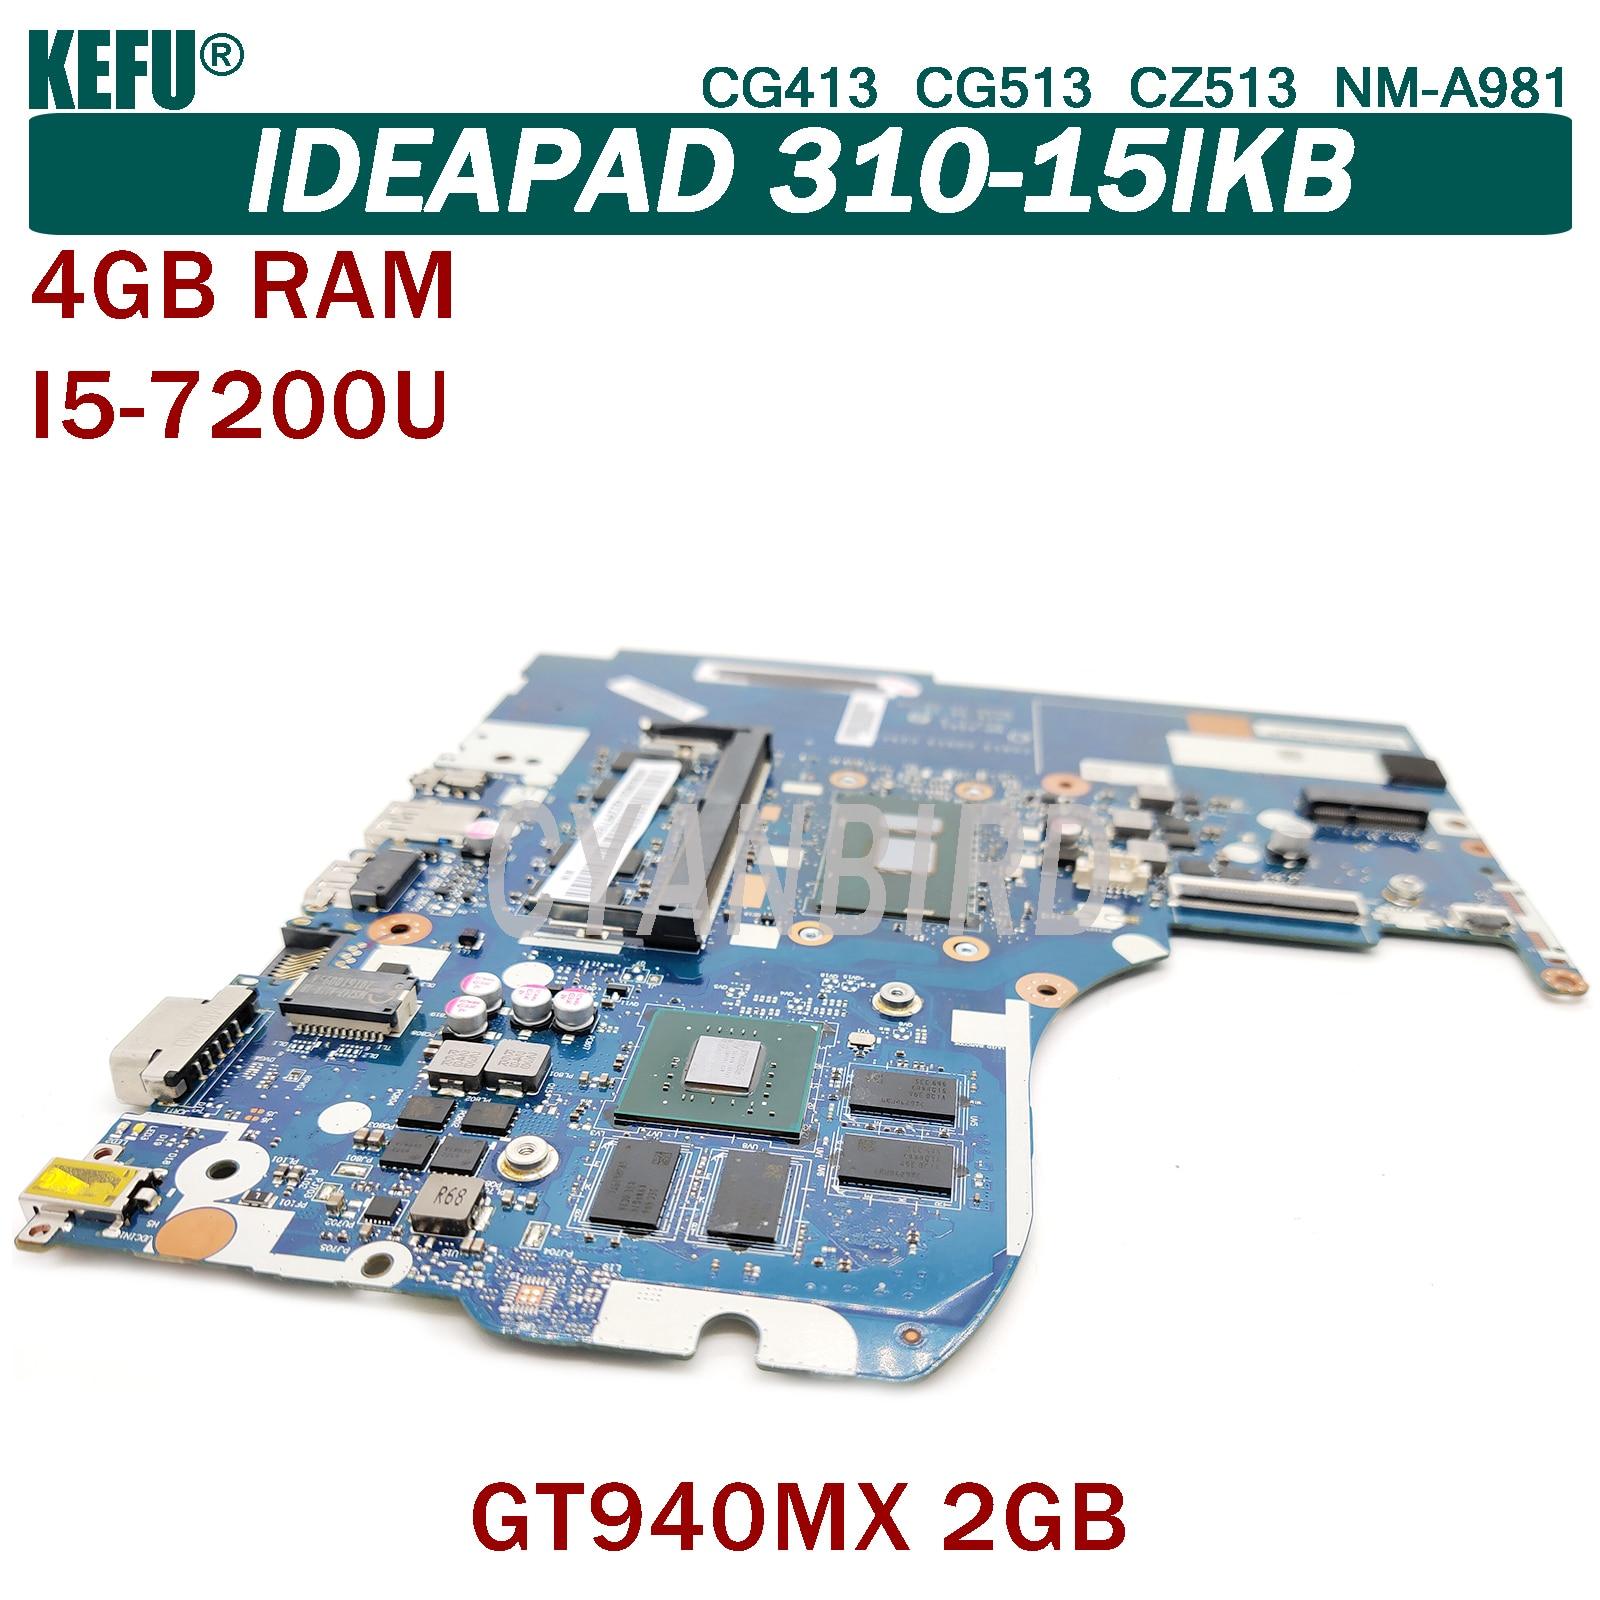 KEFU NM-A981 اللوحة الرئيسية الأصلية لينوفو IdeaPad 310-15IKB مع 4GB-RAM I5-7200U اللوحة الأم GT940MX-2GB